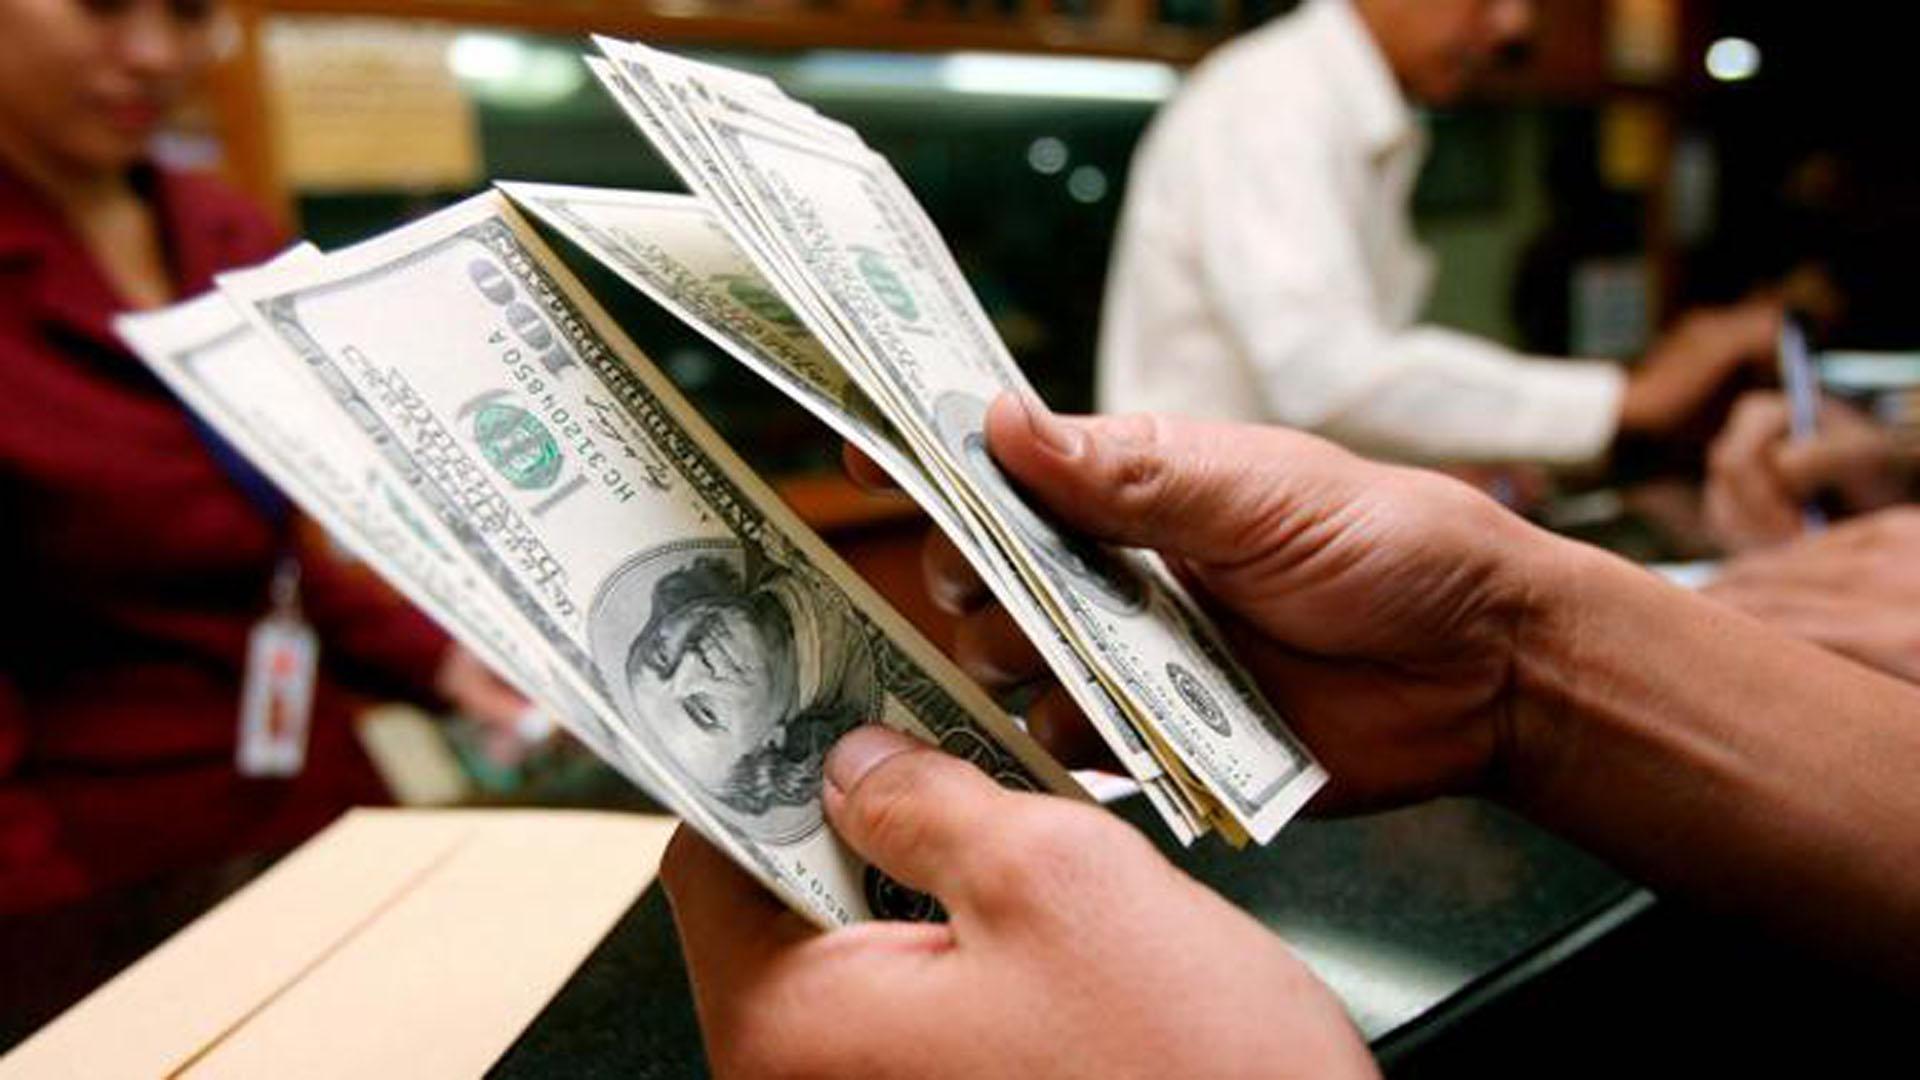 Dolar oslabio prema euru, očekuje se smanjenje kamata Feda